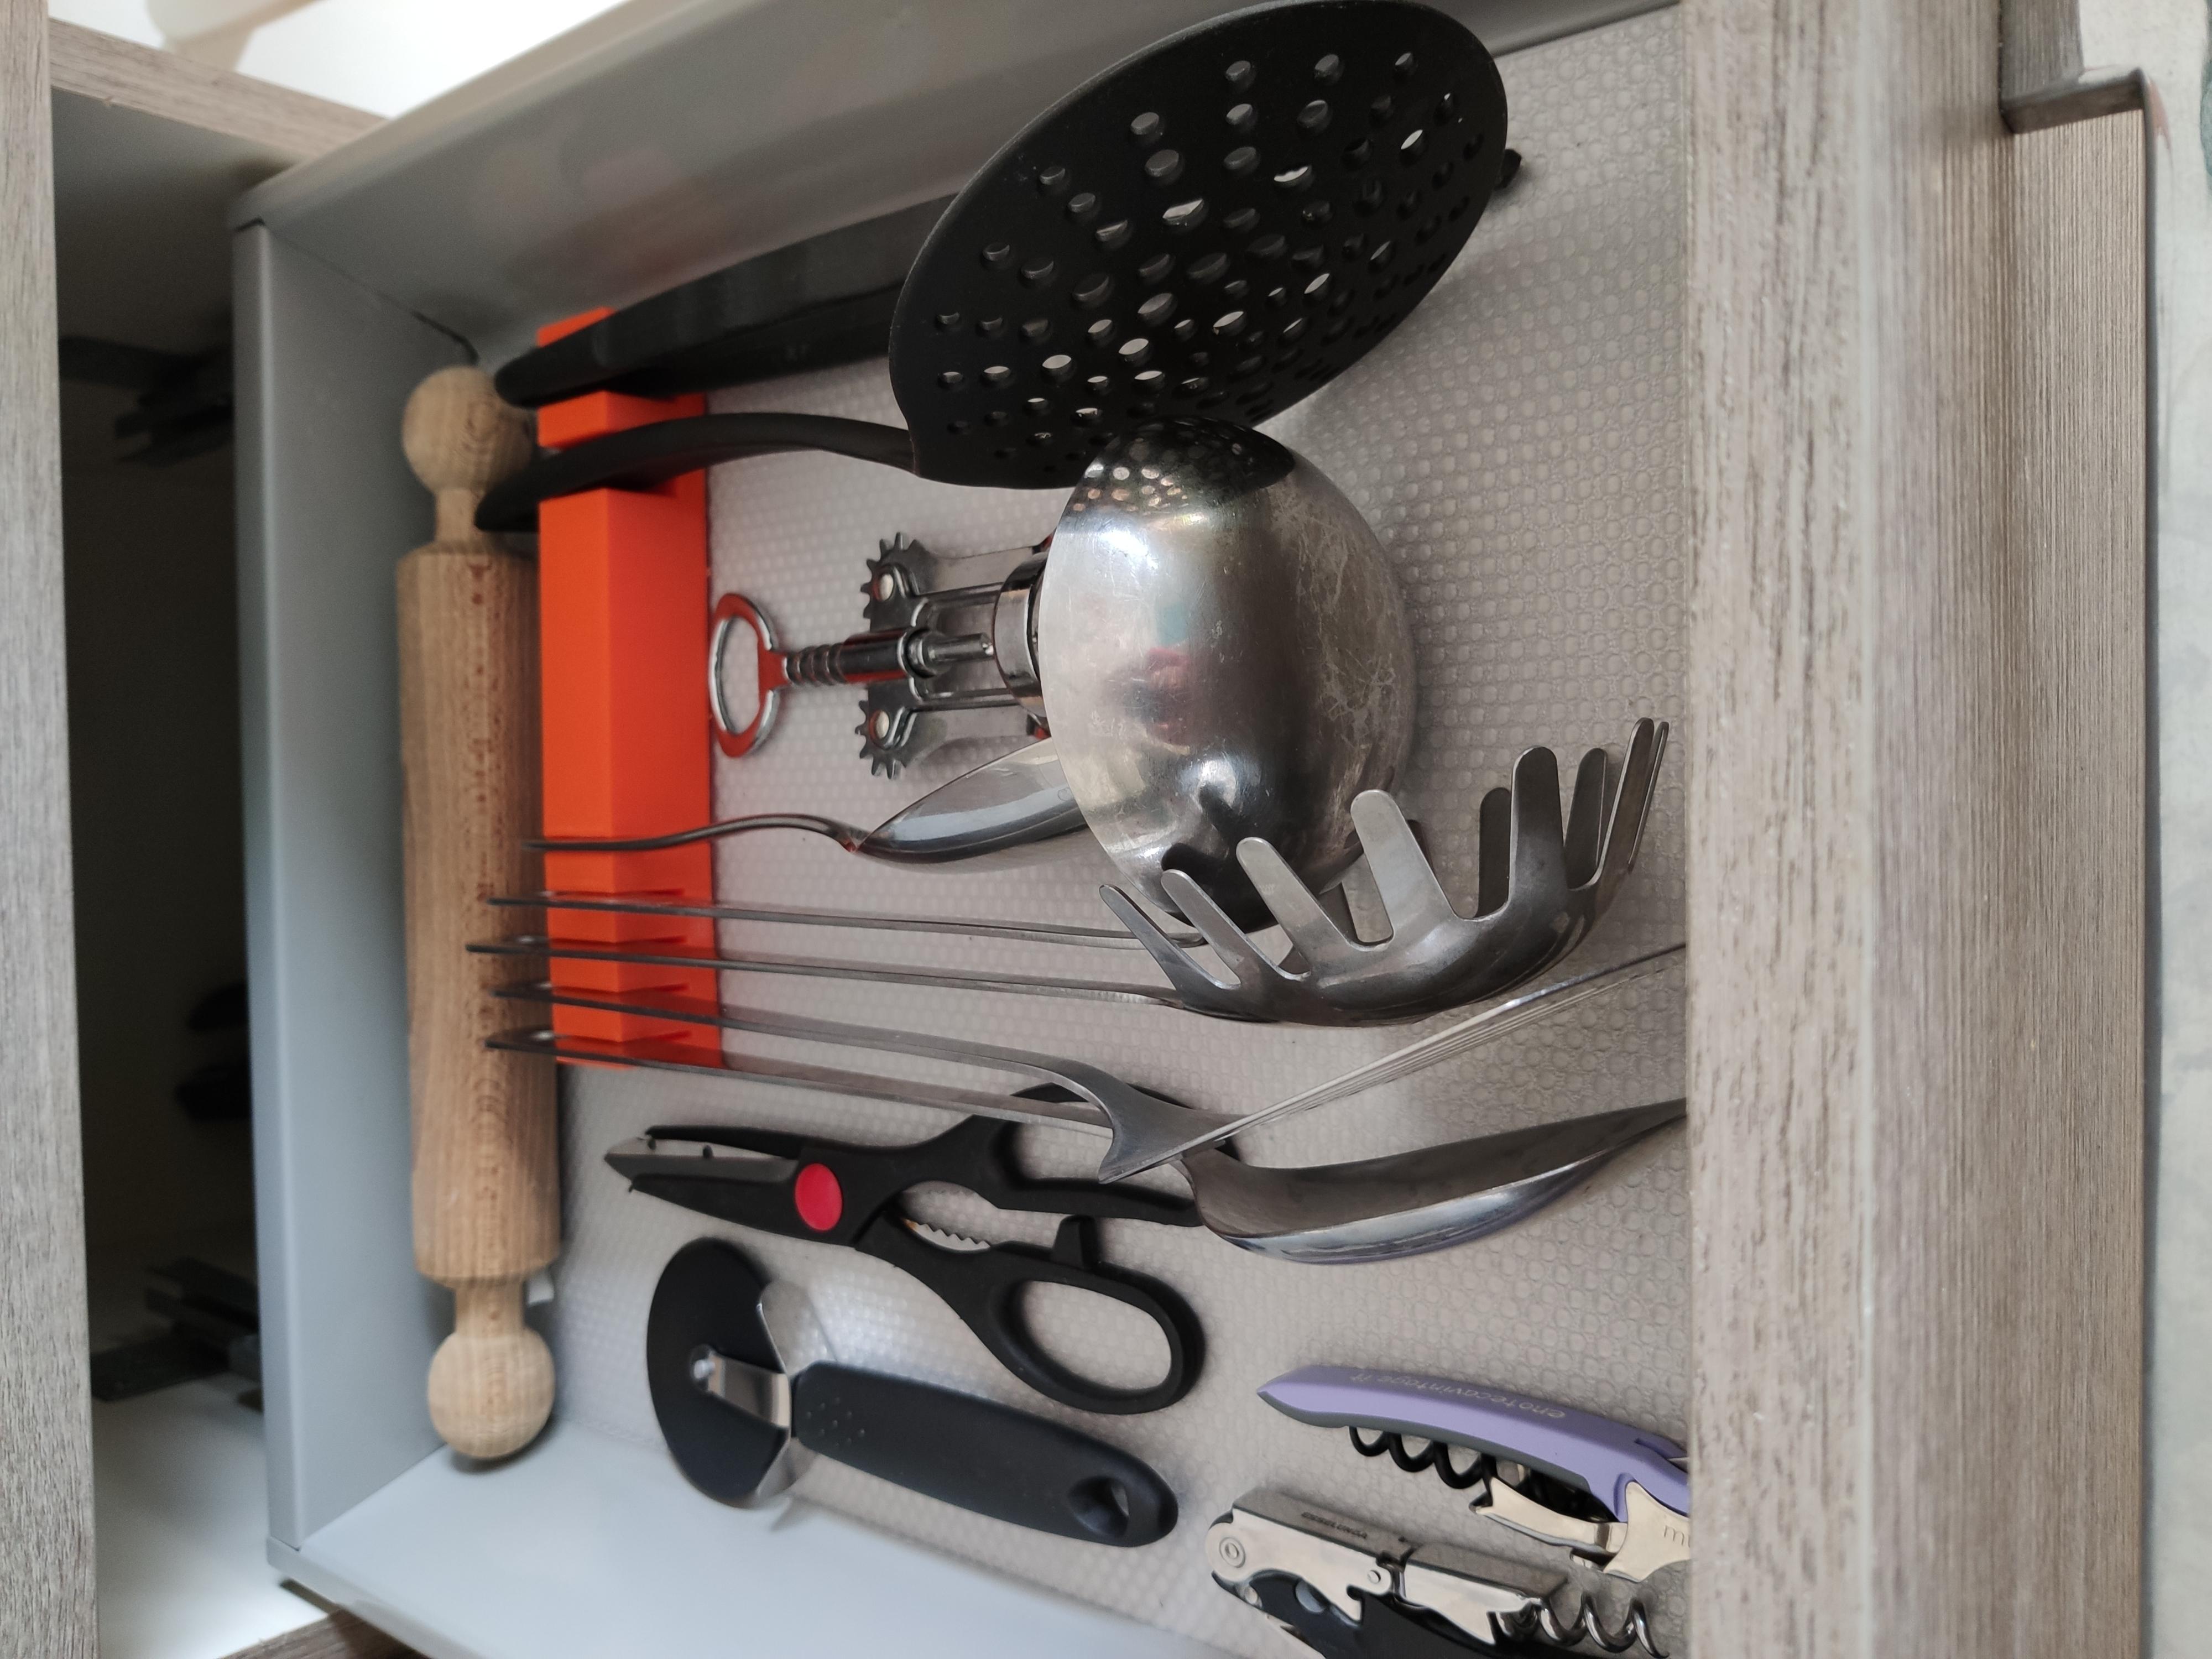 IMG_20190906_143546.jpg Download free STL file Kitchen Drawer Organizer • 3D printing template, Brignetti_Longoni